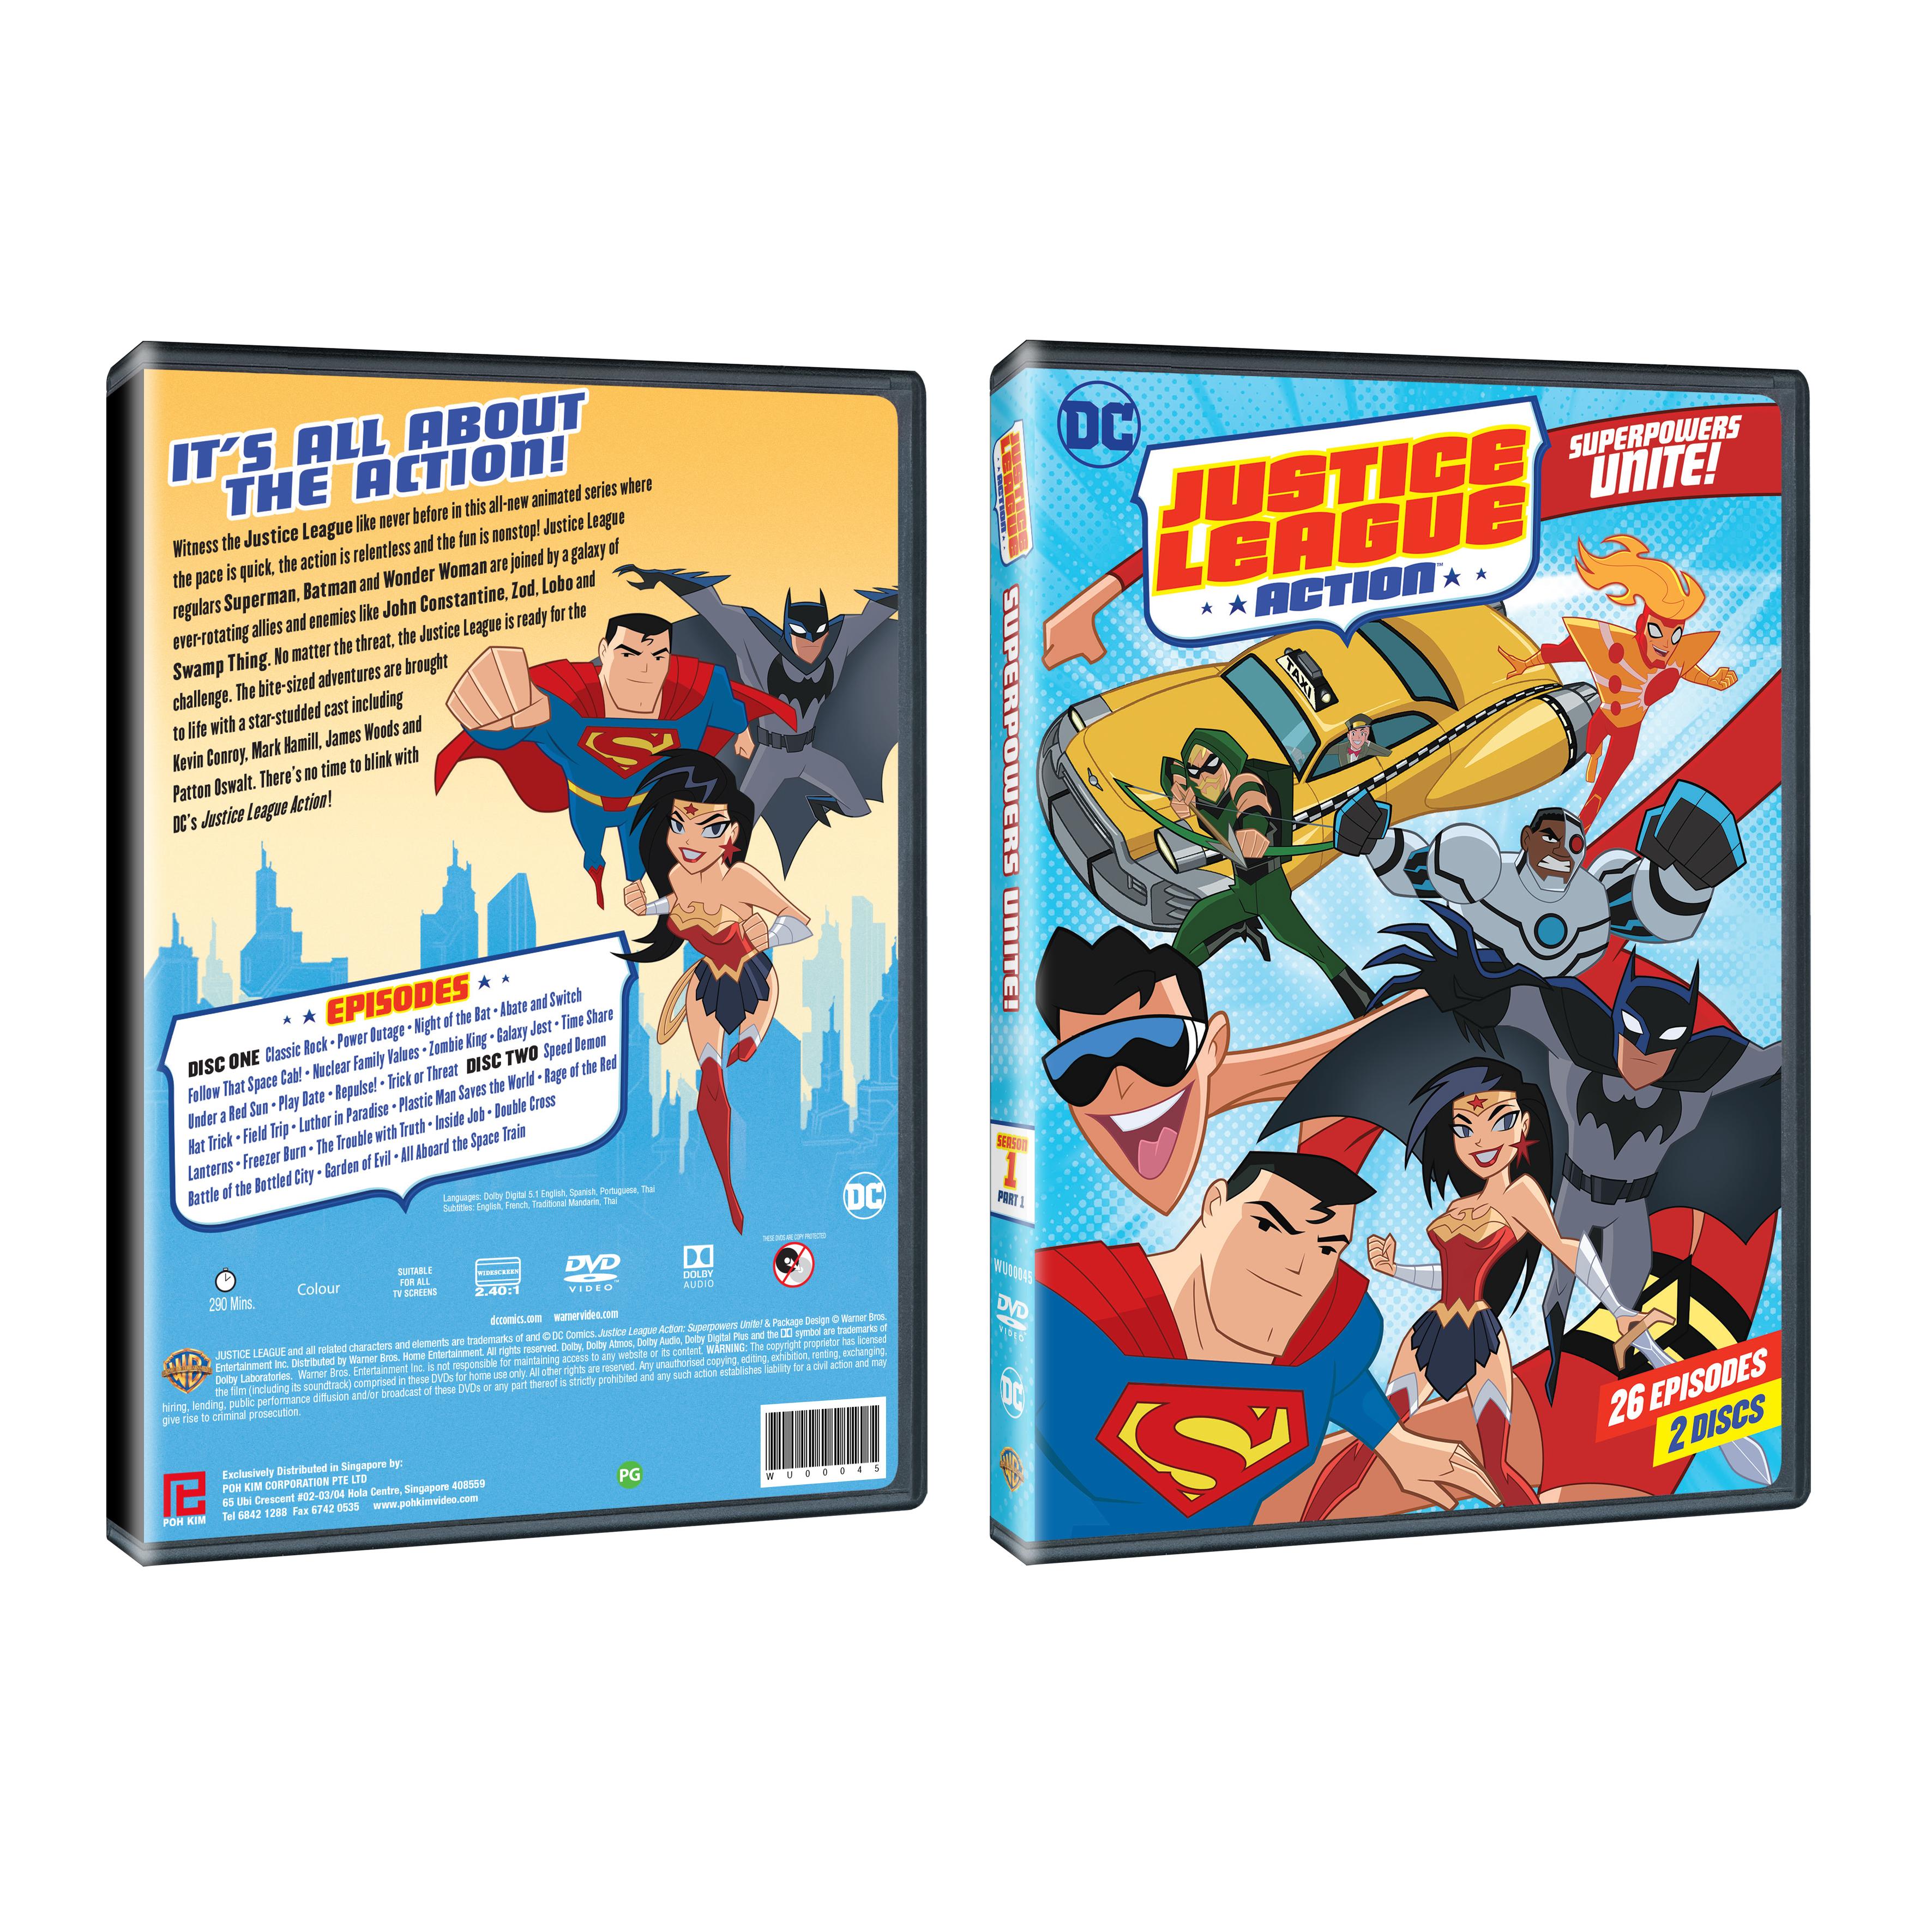 Justice League Action